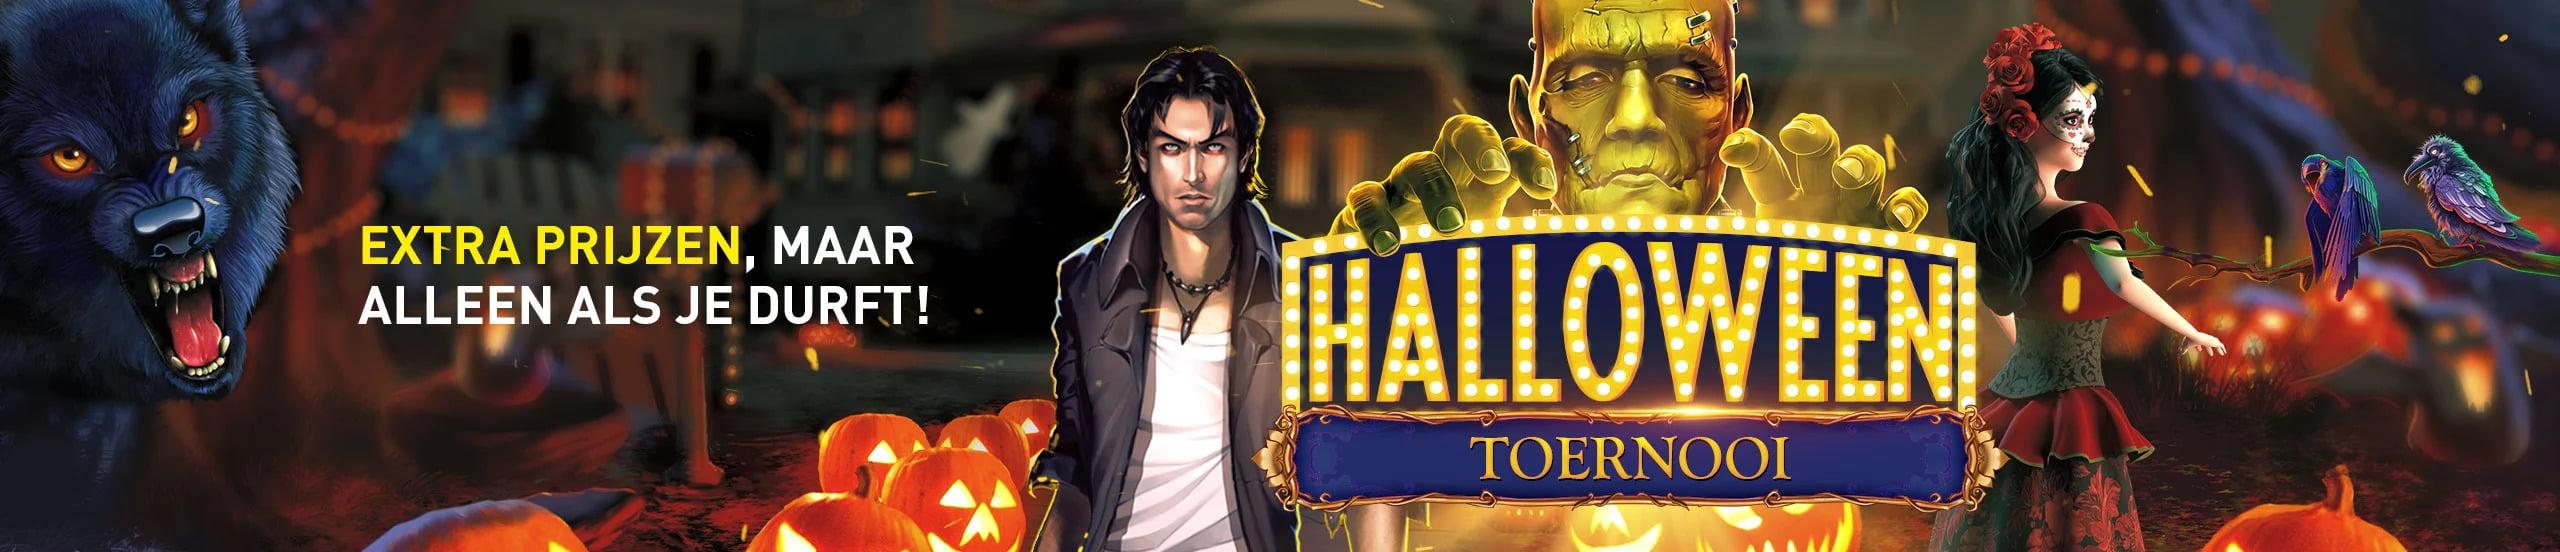 Halloween toernooi van 777 jaagt angst aan